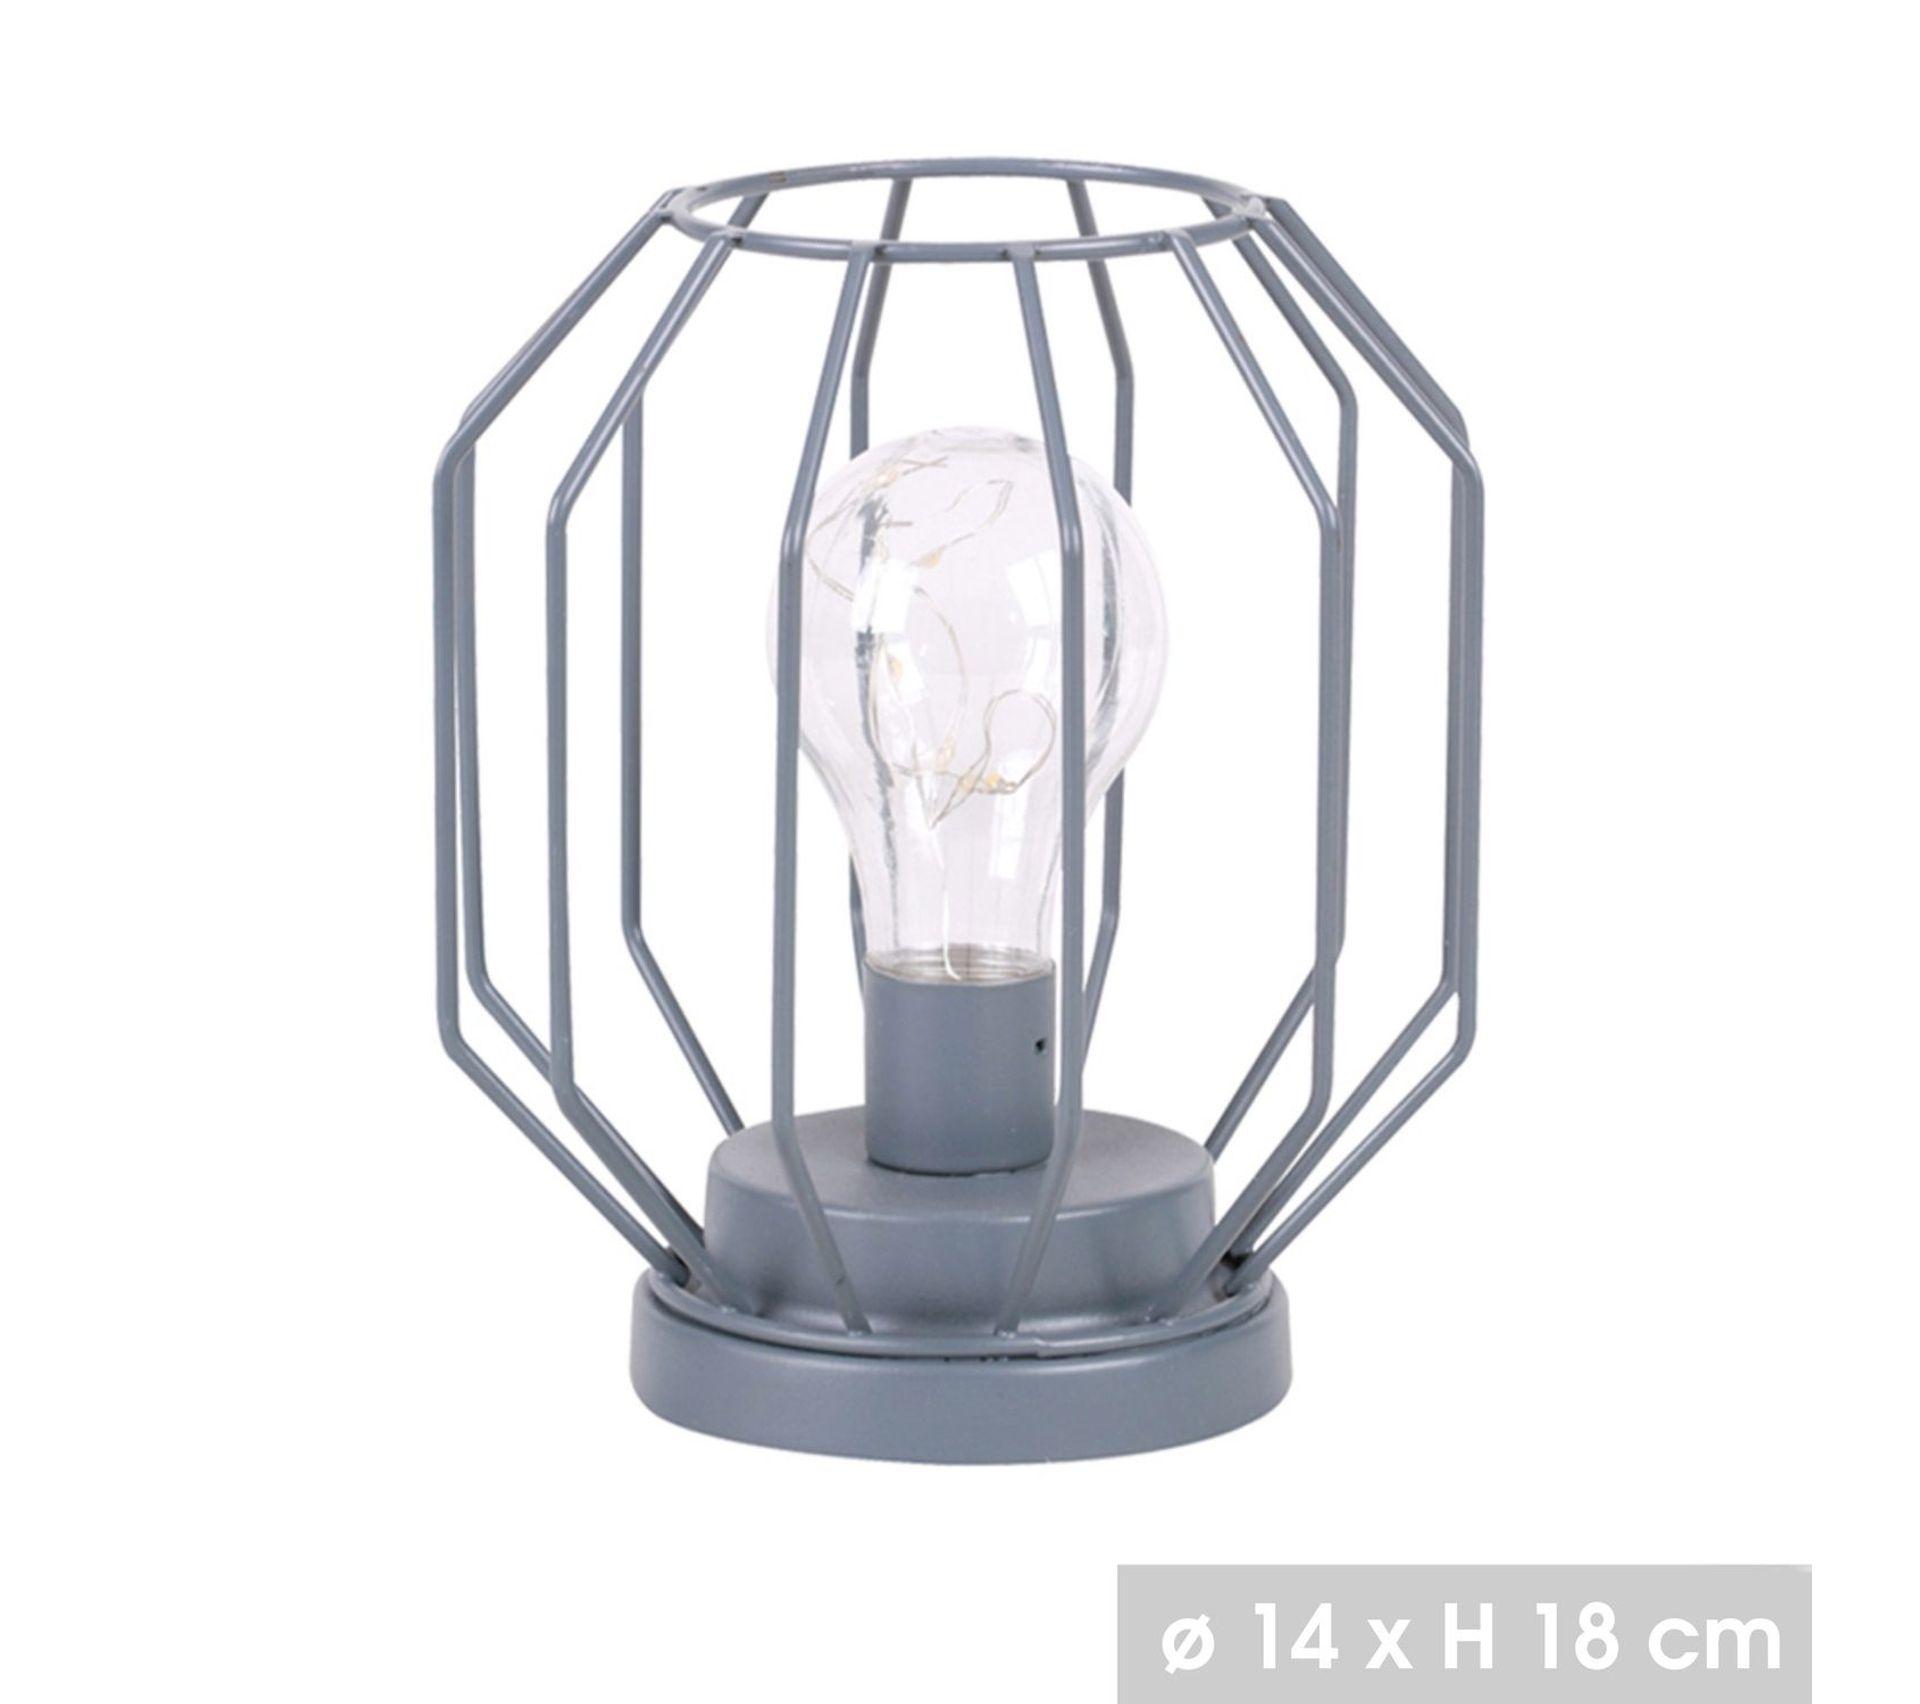 Jeu /éclairage d/écoratif lED lampe prot/ège votre coffre